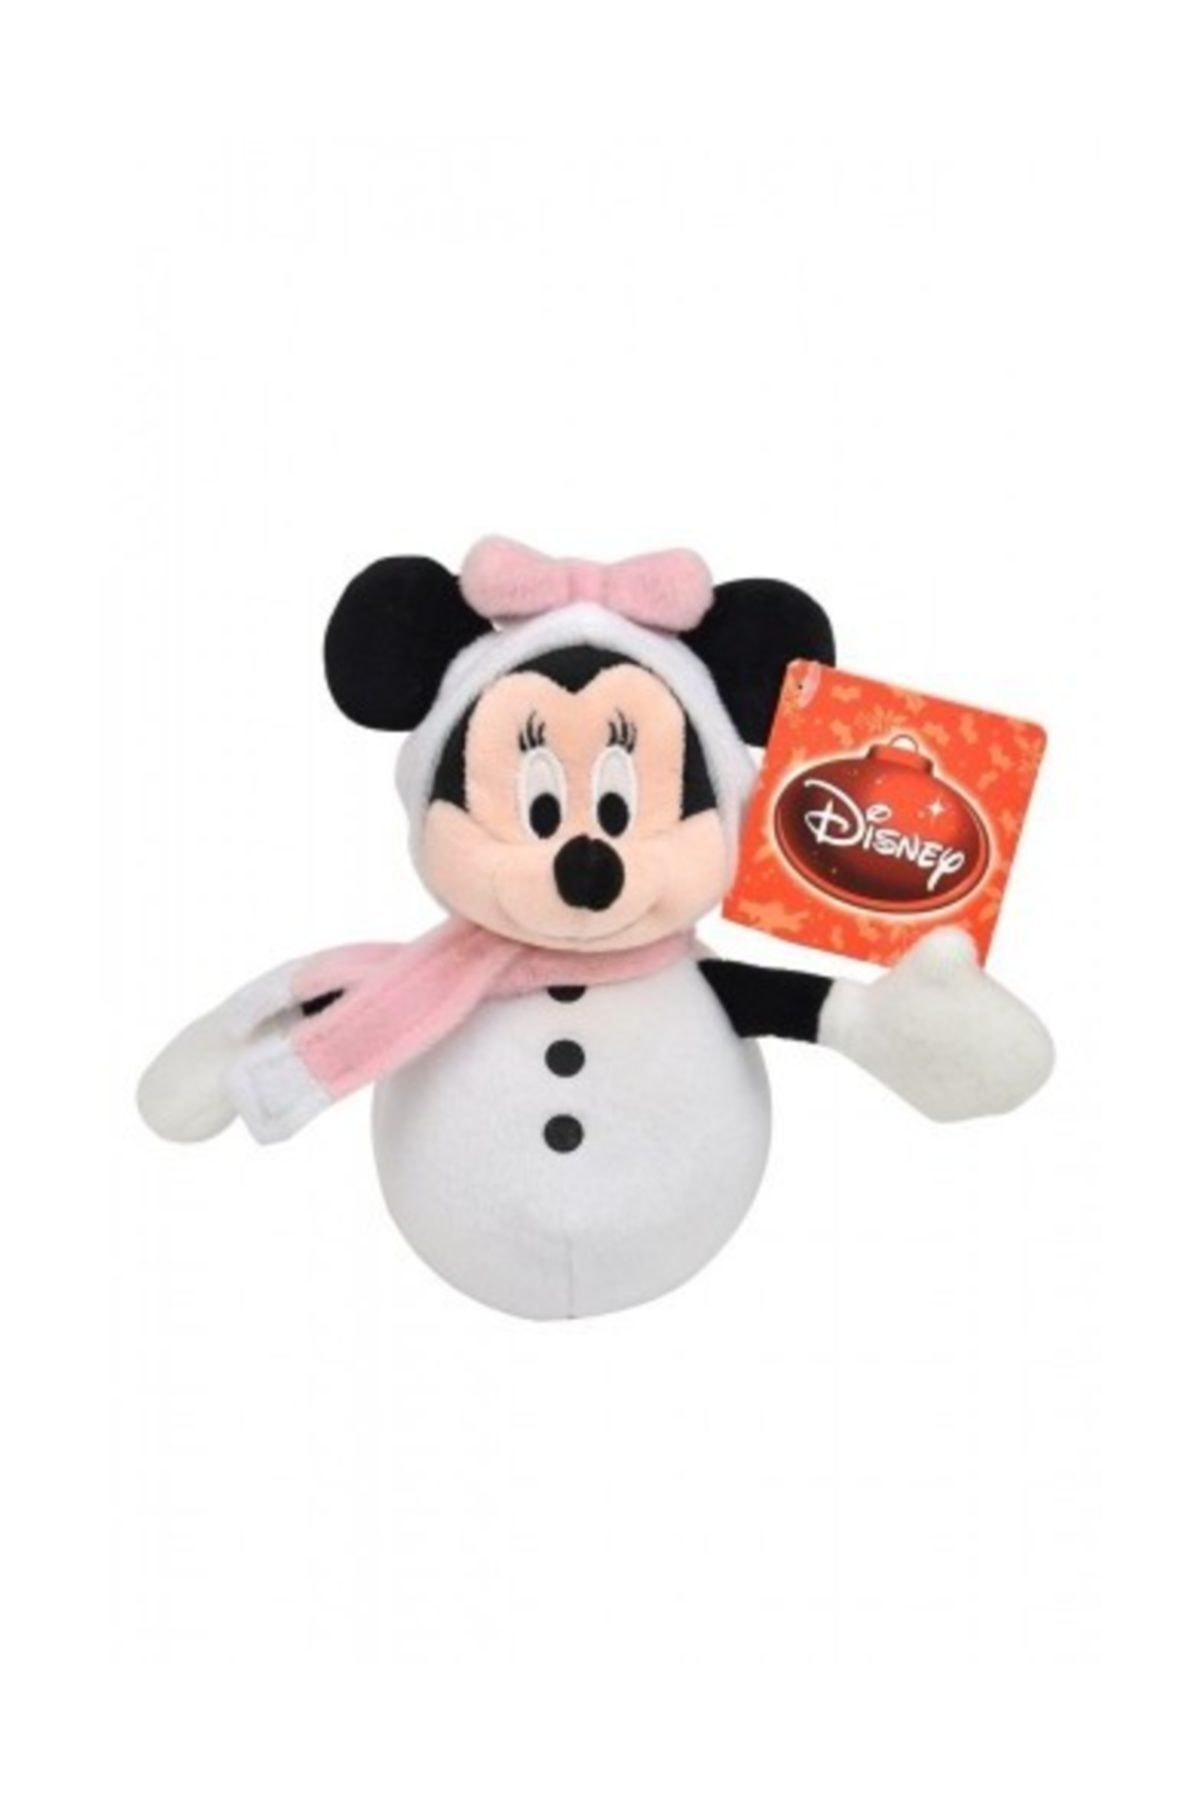 MINNIE Disney Mmch Temalı - Minnie Yılbaşı Kıyafetli 20Cm / 1